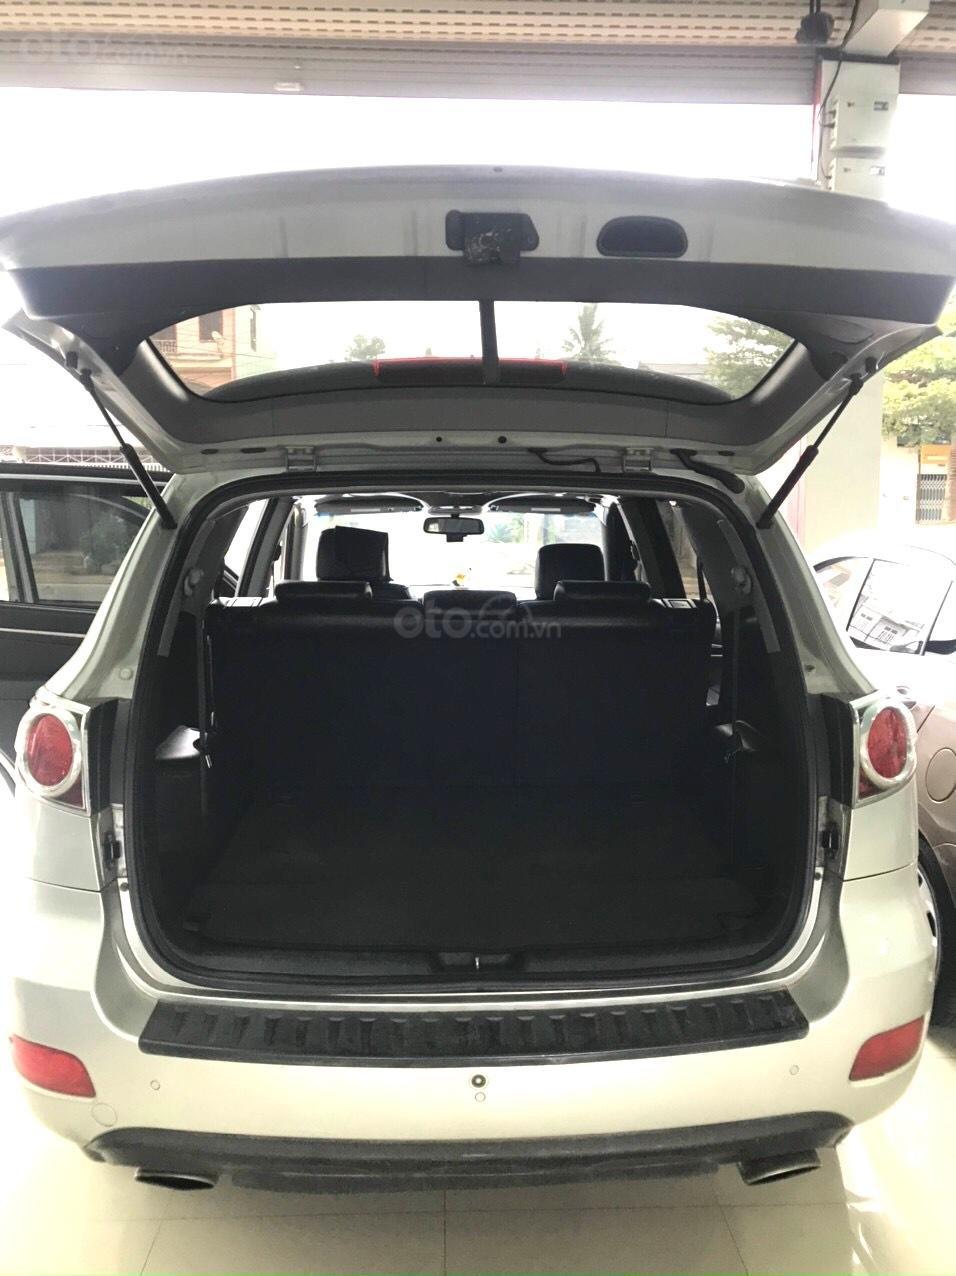 Bán Hyundai Santa Fe sản xuất 2008 giá thương lượng, giá ưu đãi cho khách có thiện chí mua (10)